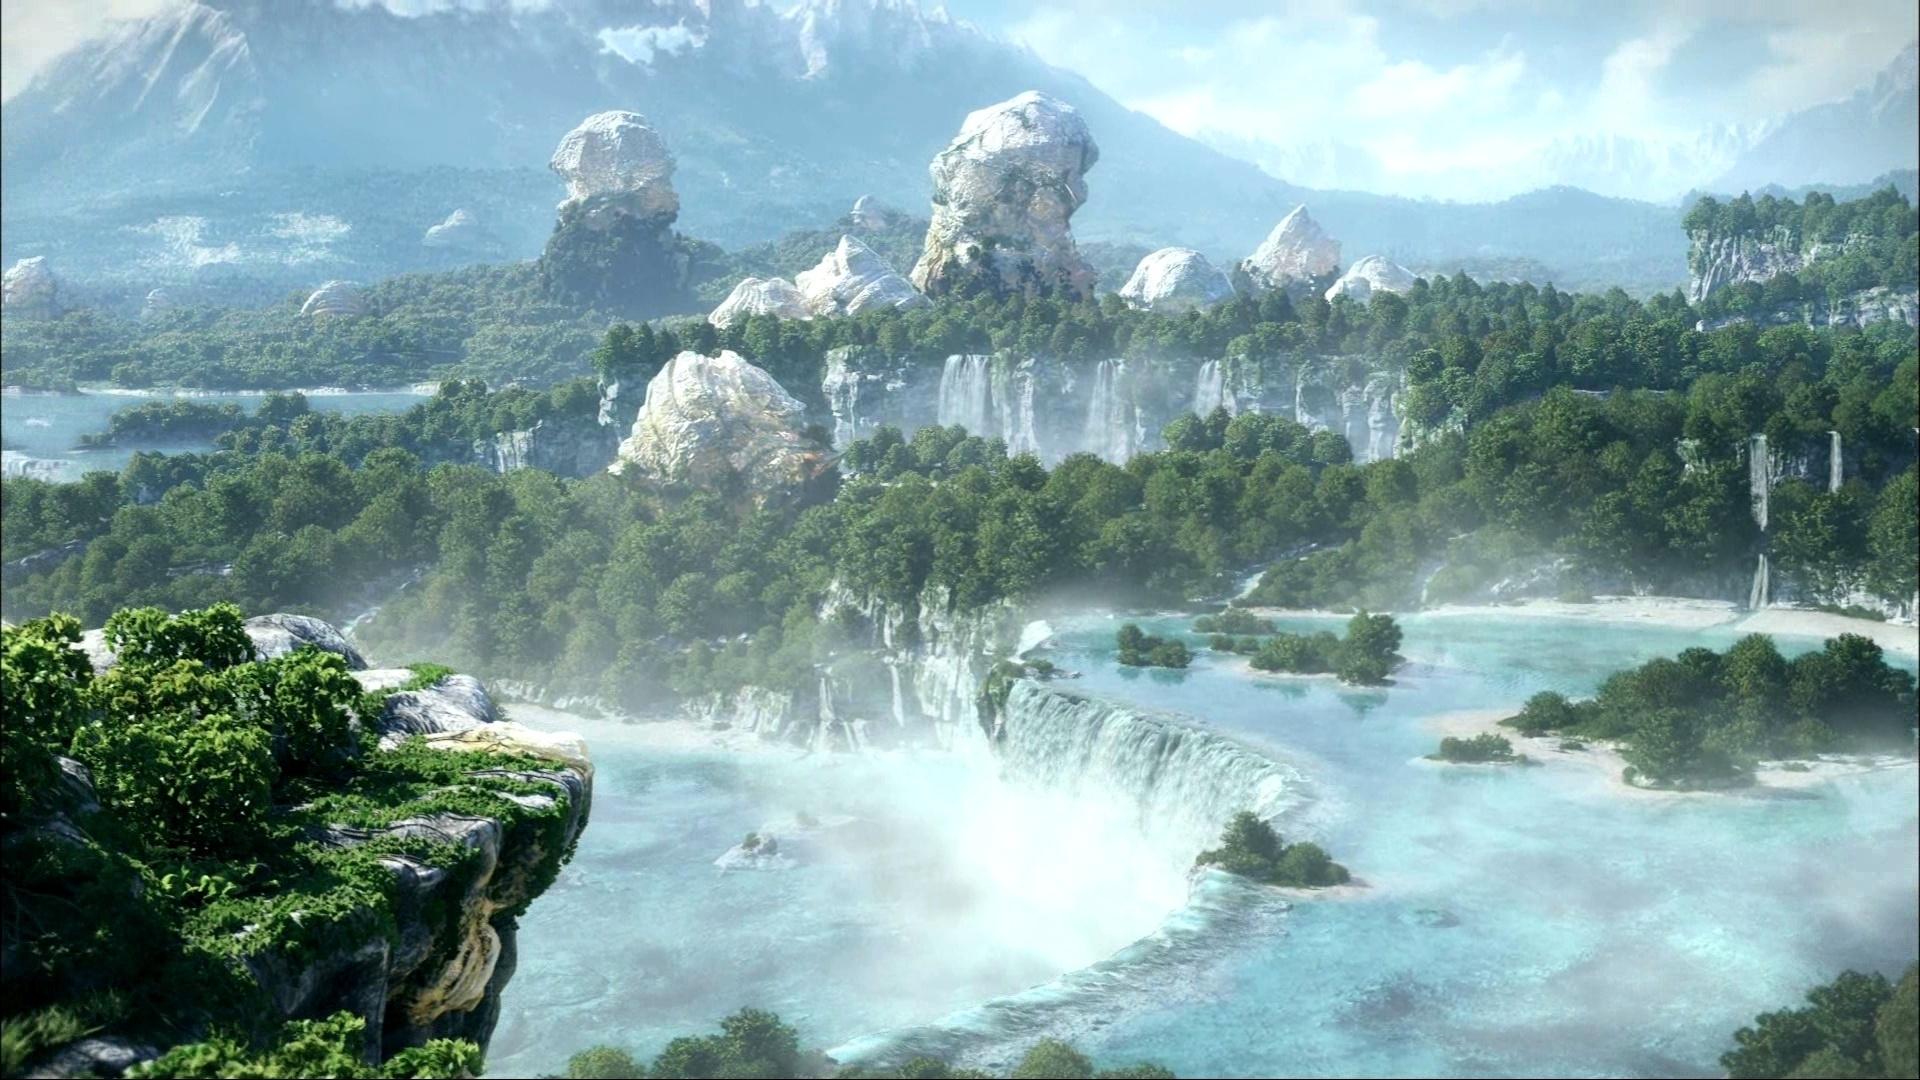 46926 скачать обои Пейзаж, Природа, Водопады - заставки и картинки бесплатно